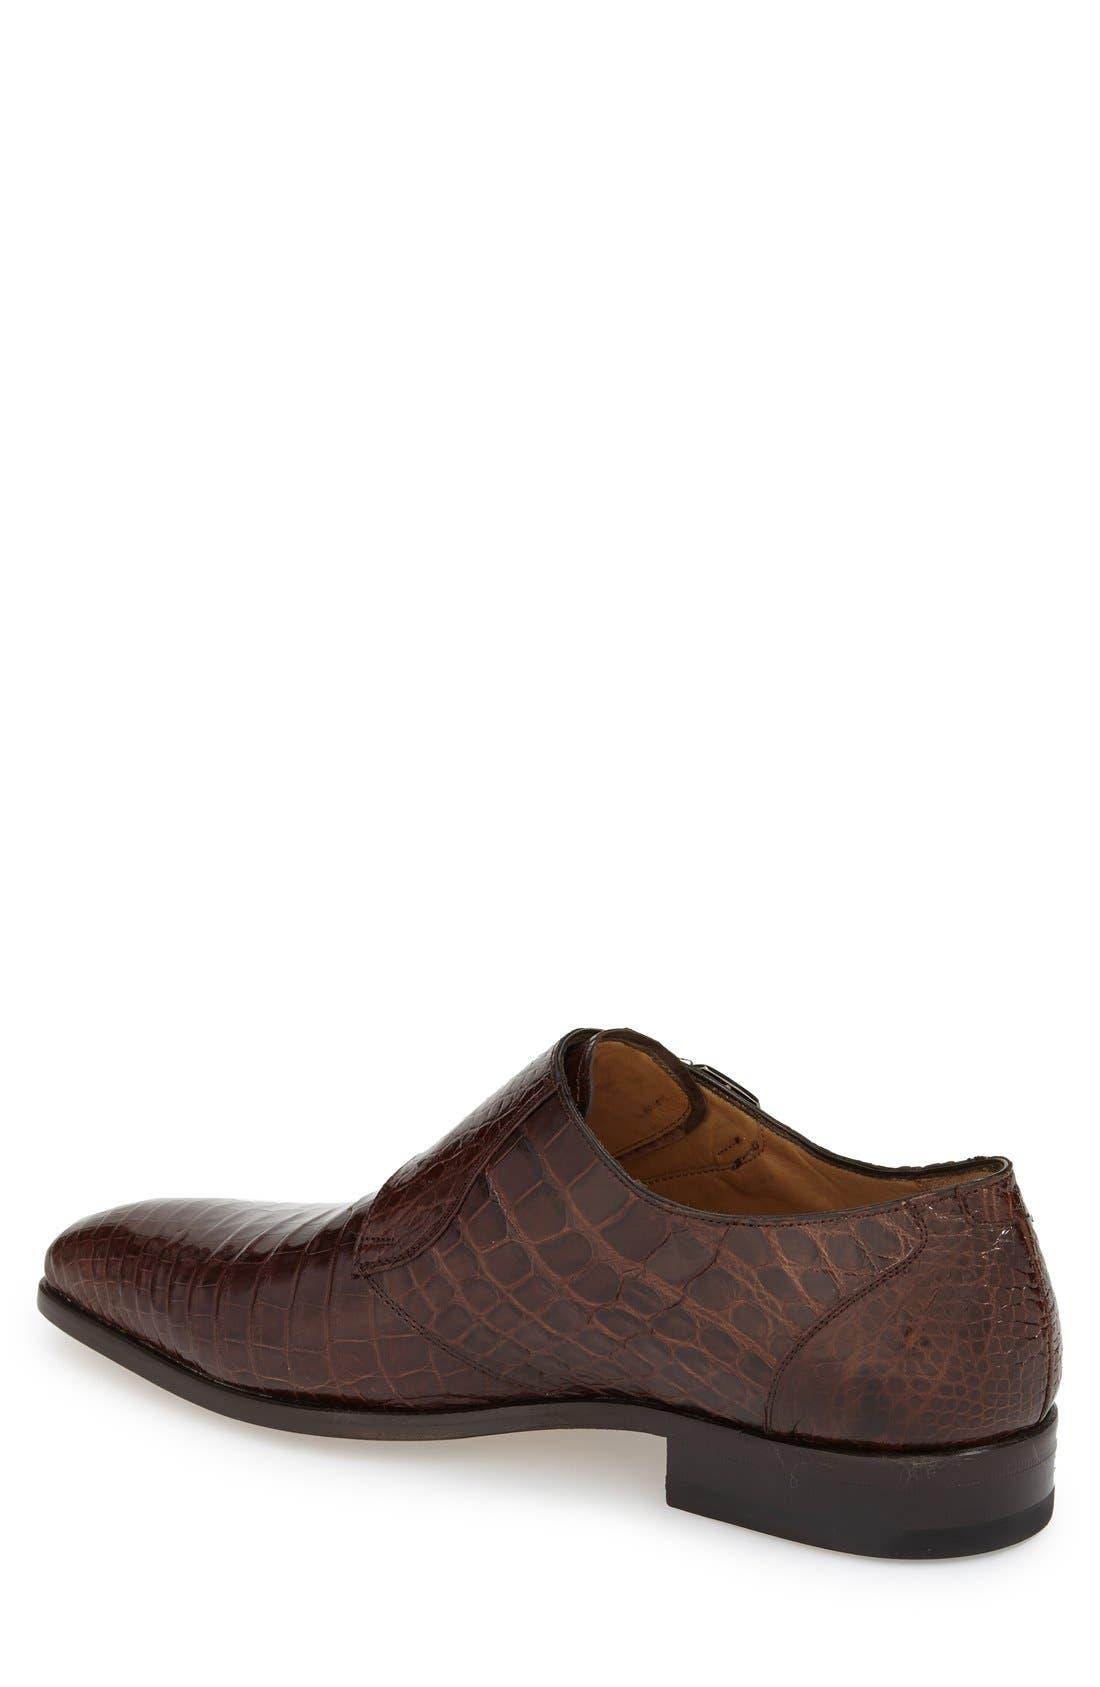 'Agra' Double Monk Strap Shoe,                             Alternate thumbnail 2, color,                             Sport